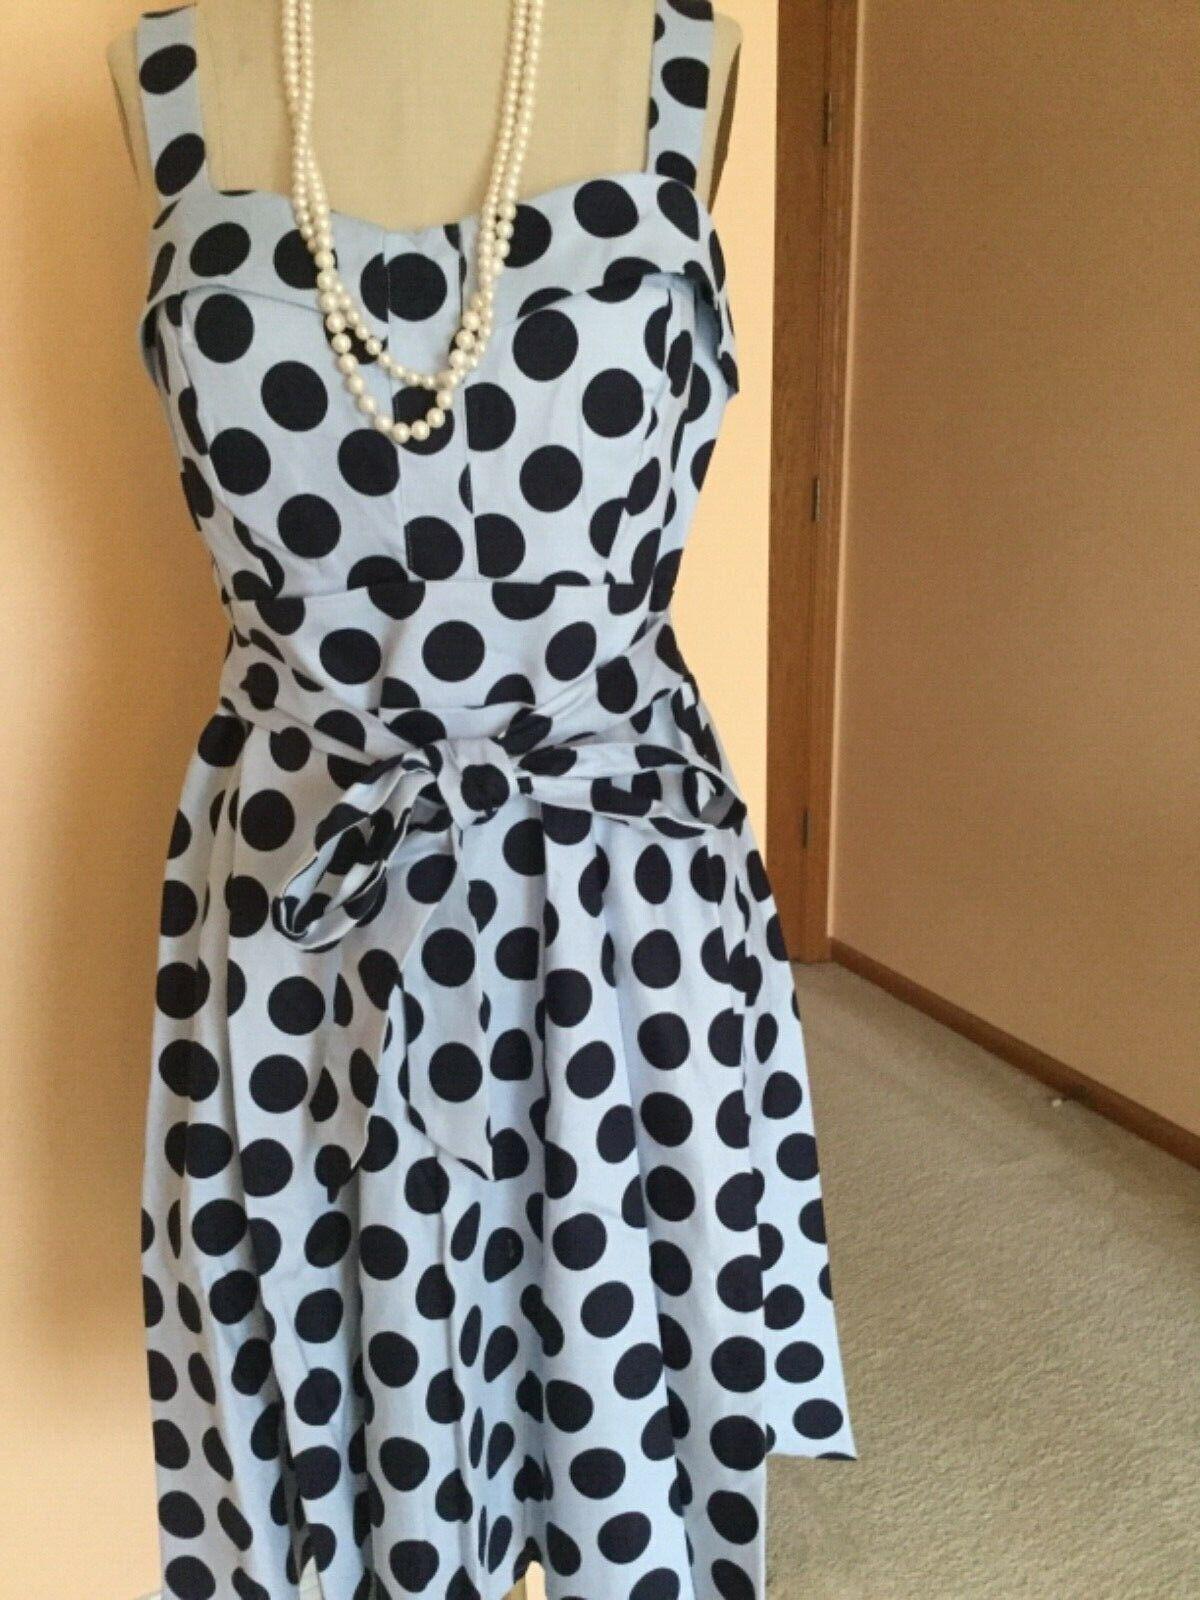 Damen Kleid, XL,, Blau, Gepunktet, Lafayette148, Neu mit Etiketten